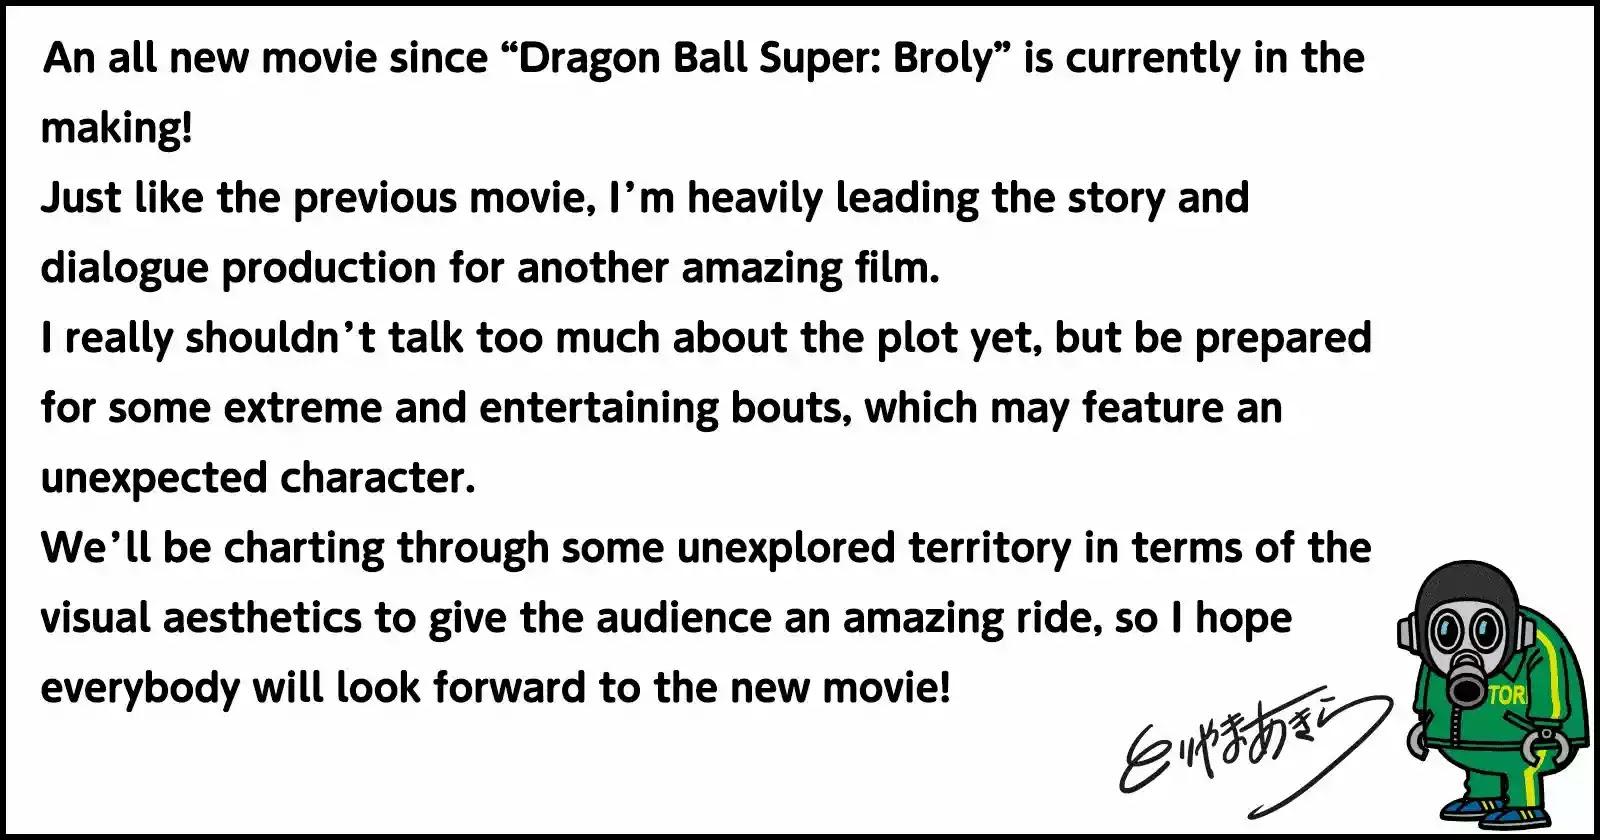 تعلن Toei Animation عن فيلم جديد لـ أنمي Dragon Ball Super لعام 2022 (فيلم دراغون بول سوبر 2022)